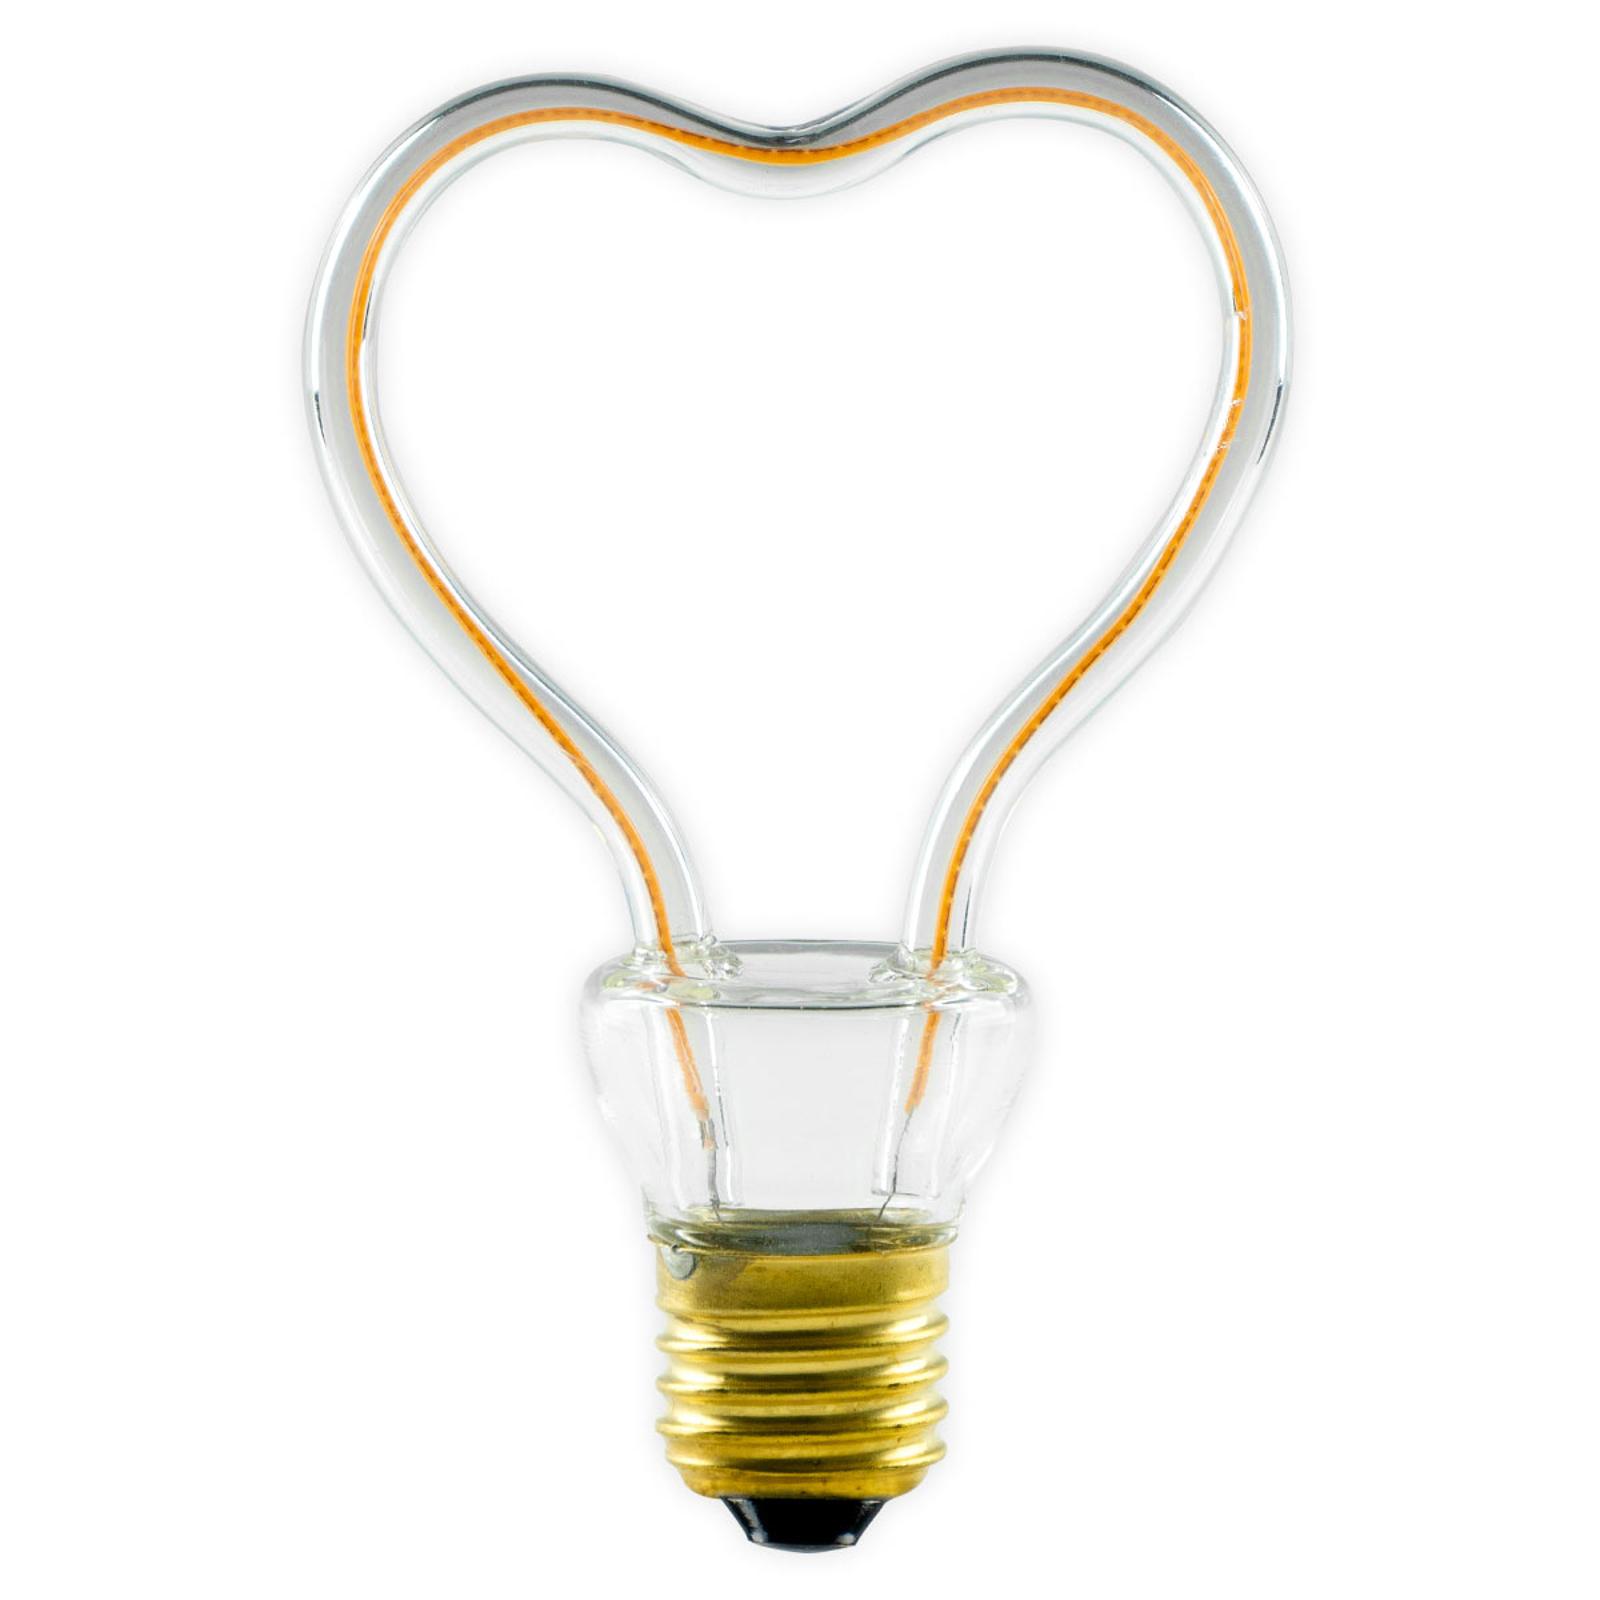 Art Line Heart LED-pære, E27 8 W 330 lm varmhvid